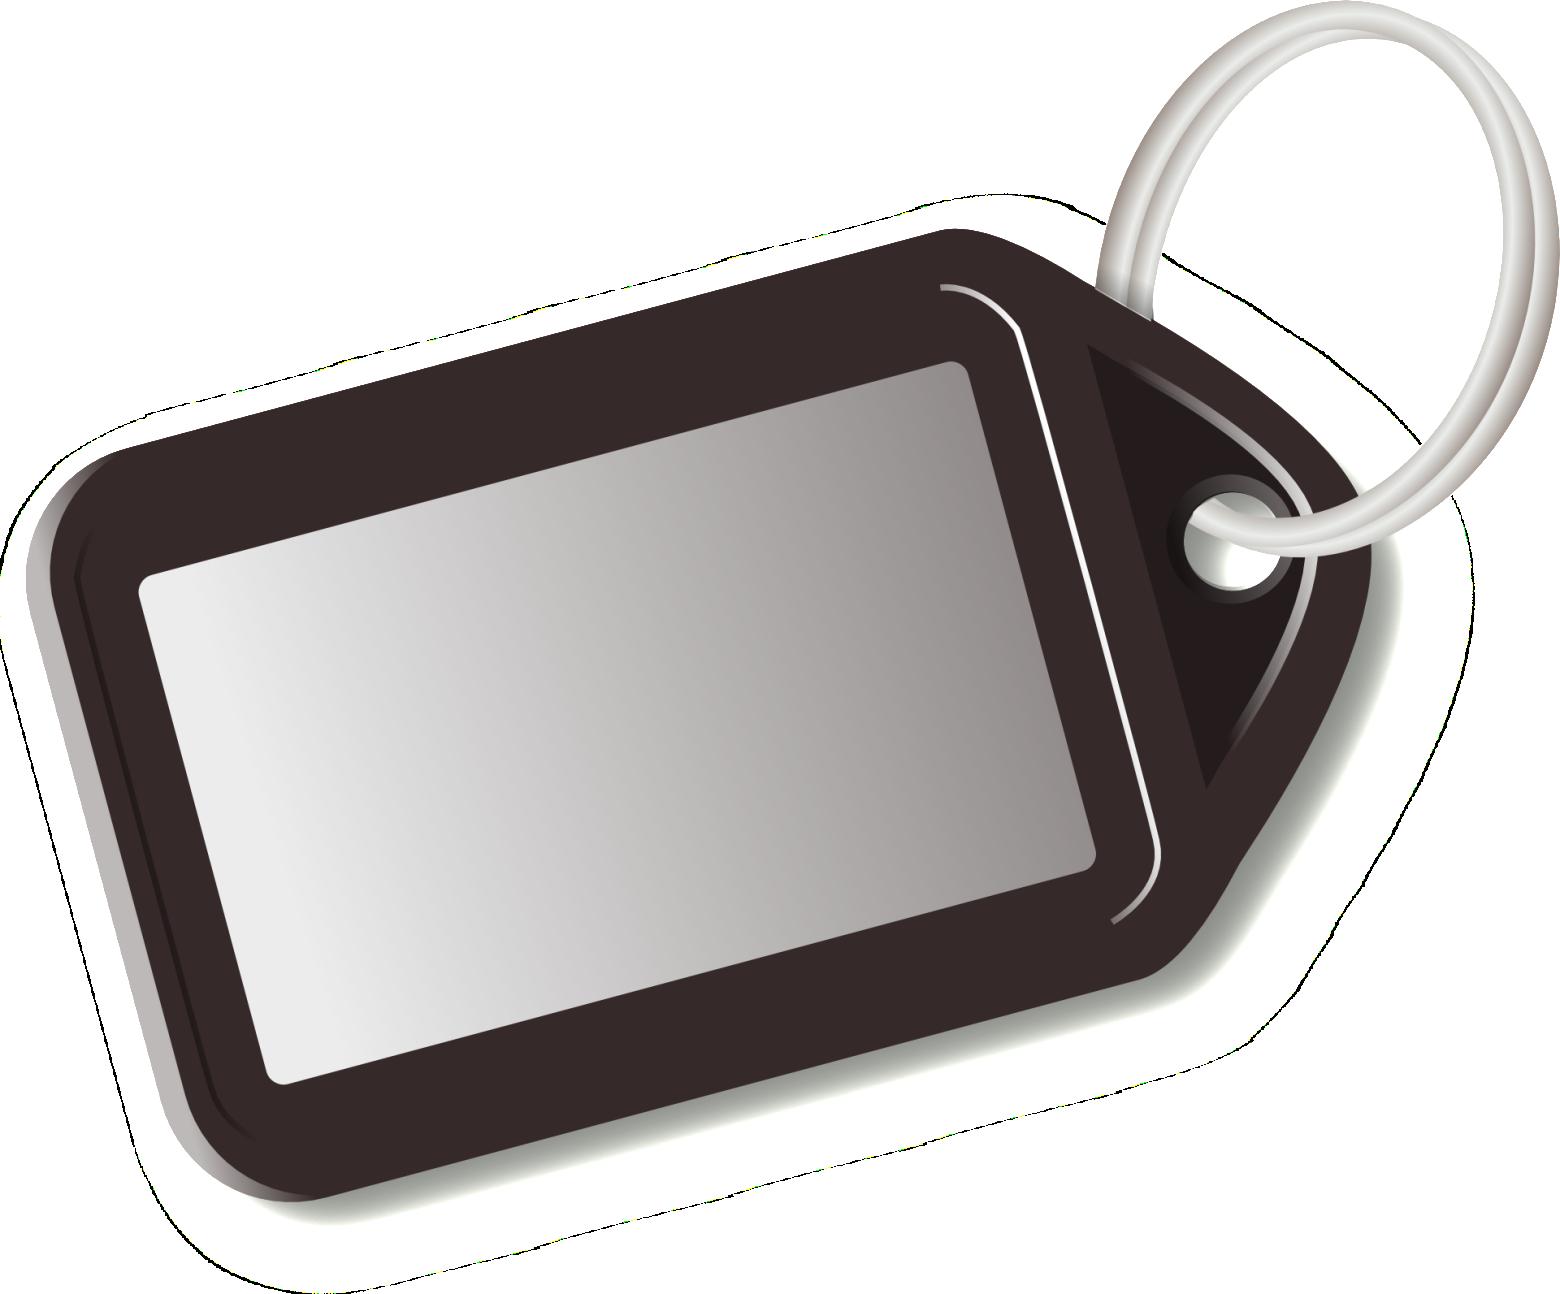 Porte cl s images photos 3d gratuites images gratuites - Porte cle photo plastique transparent ...